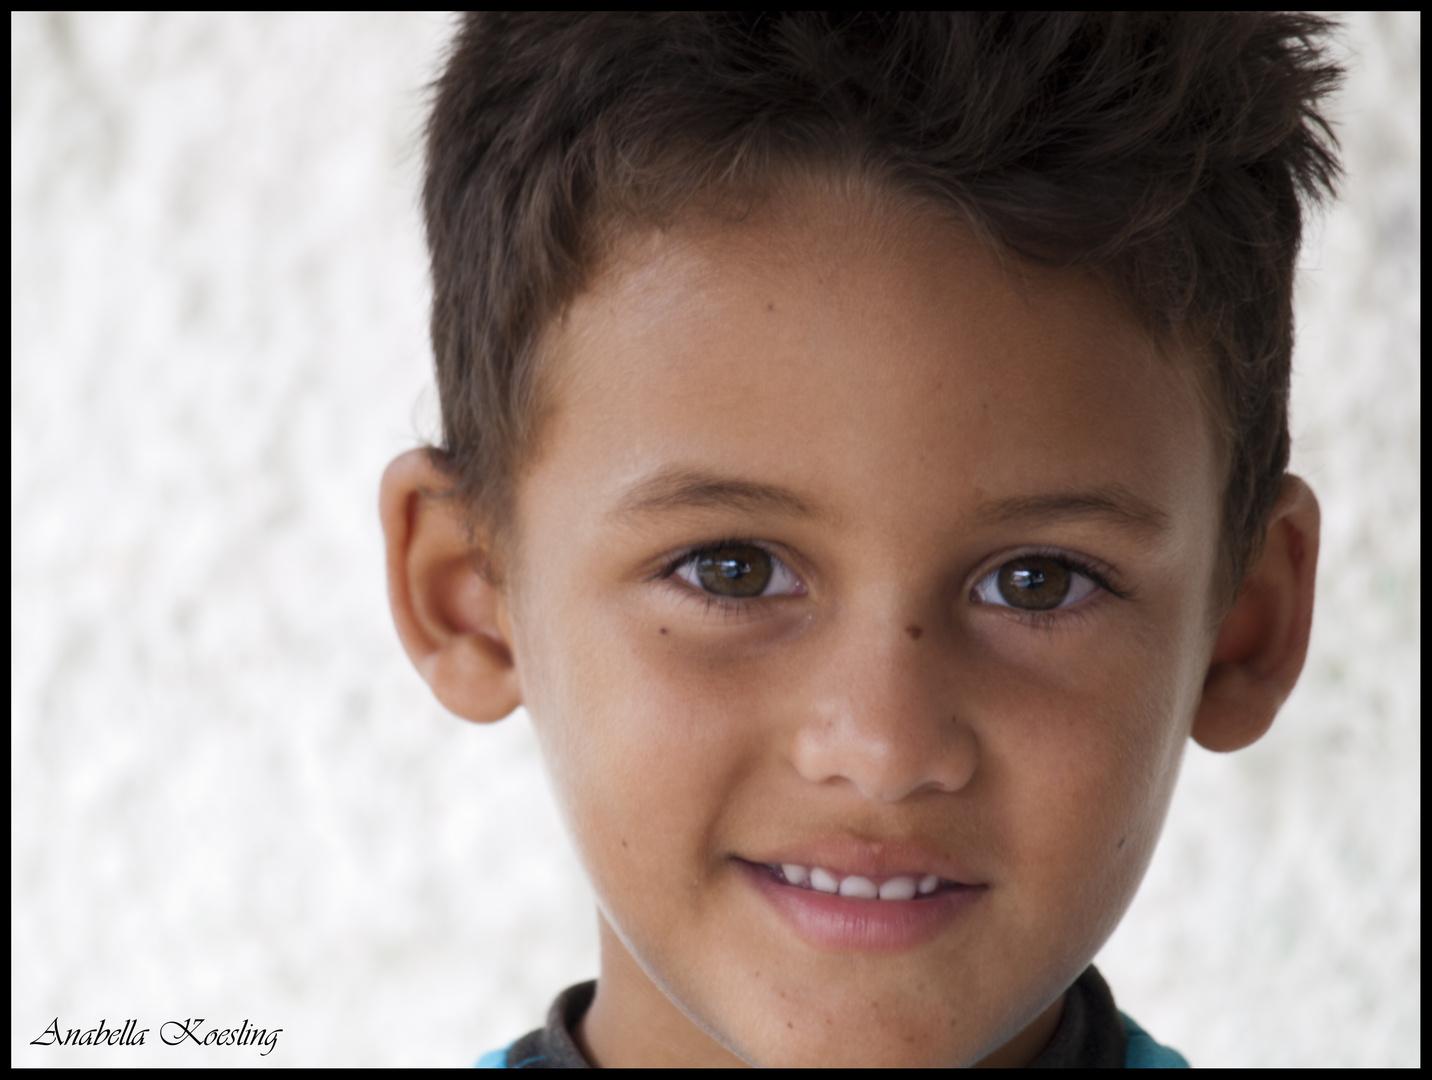 Una pequeña sonrisa para ti..:))